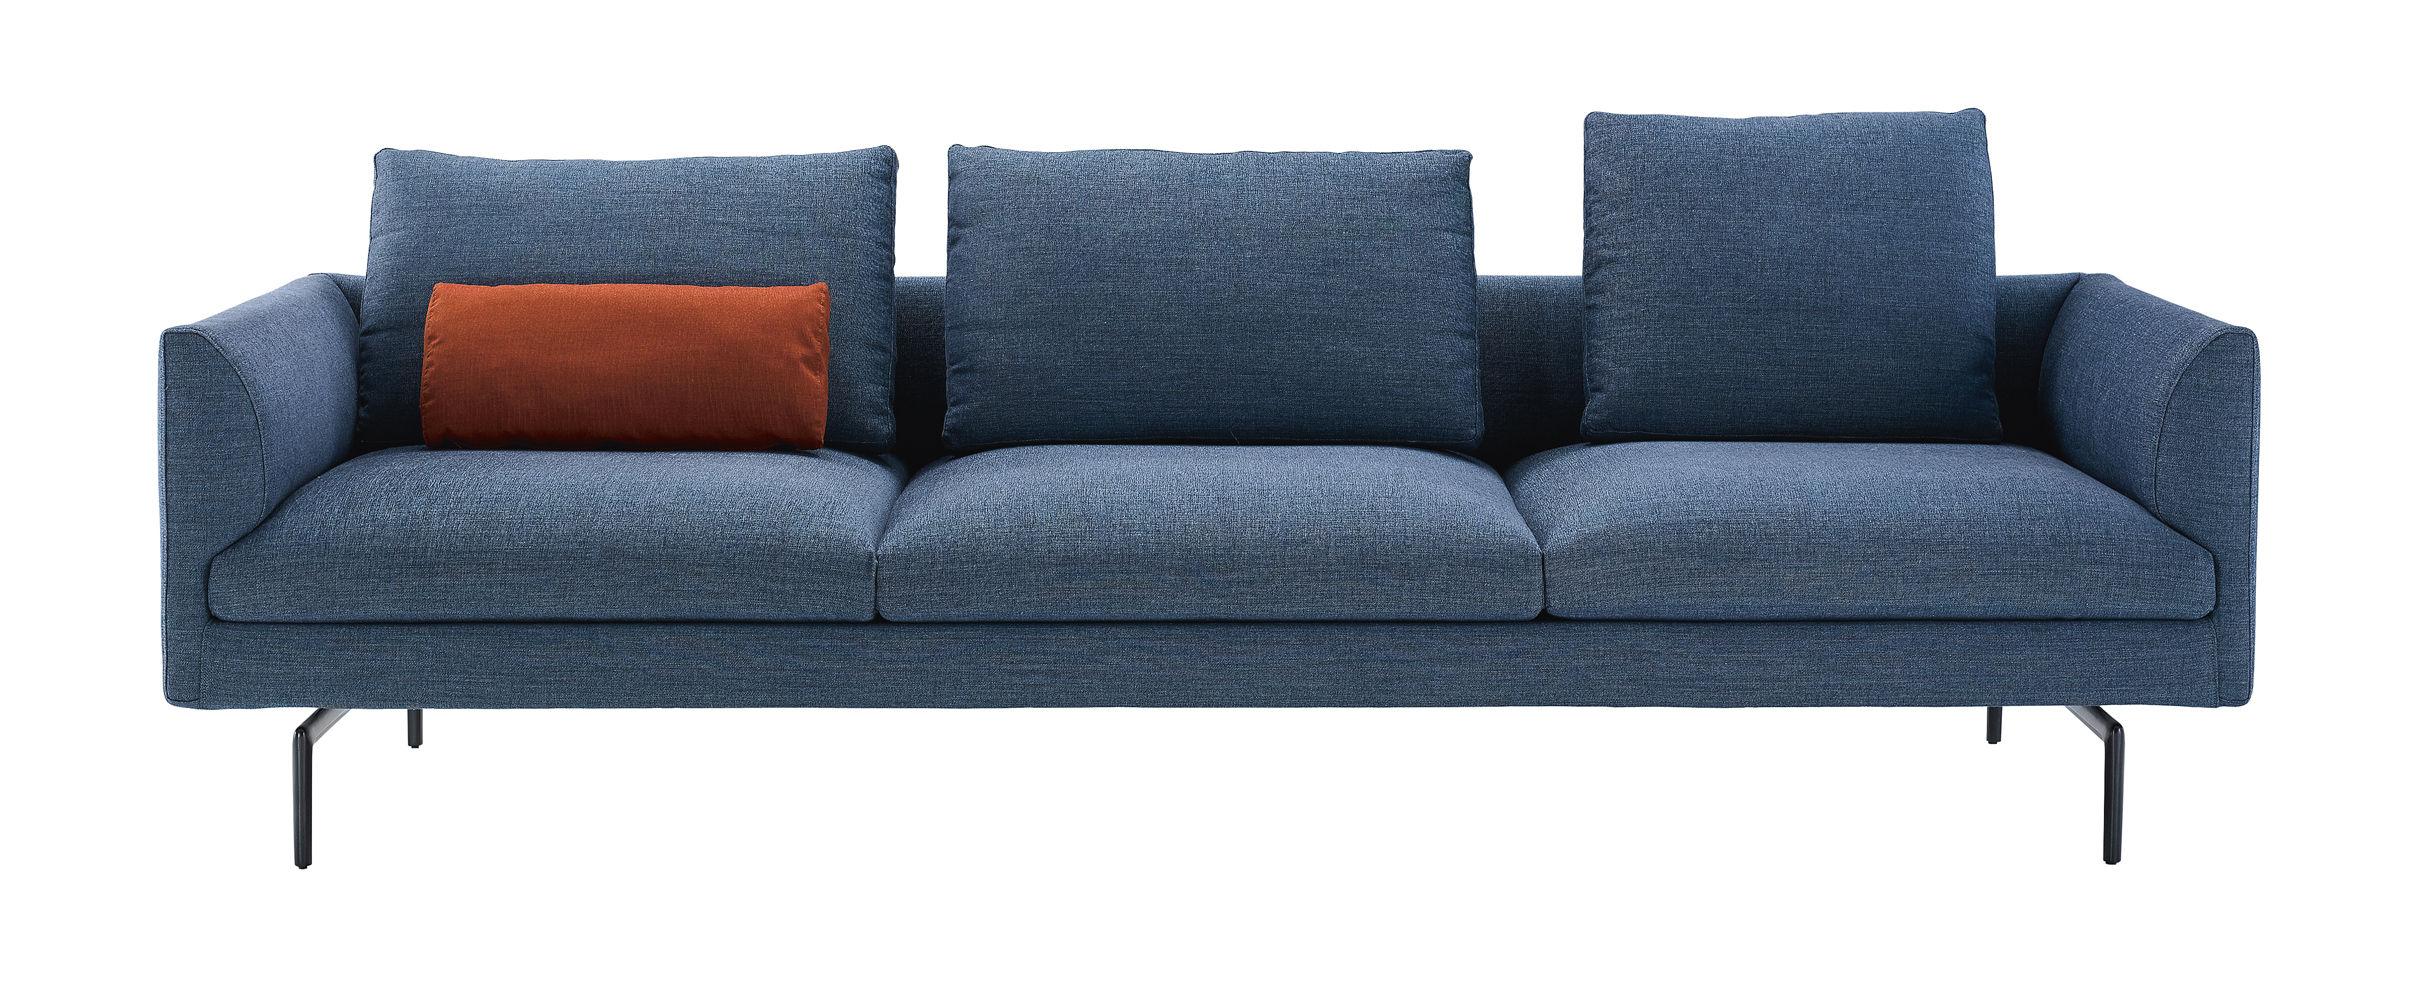 Mobilier - Canapés - Canapé droit Flamingo / 3 places - L 261 cm - Zanotta - Canapé / Bleu jean - Aluminium verni, Fibre polyester, Mousse  polyuréthane, Tissu